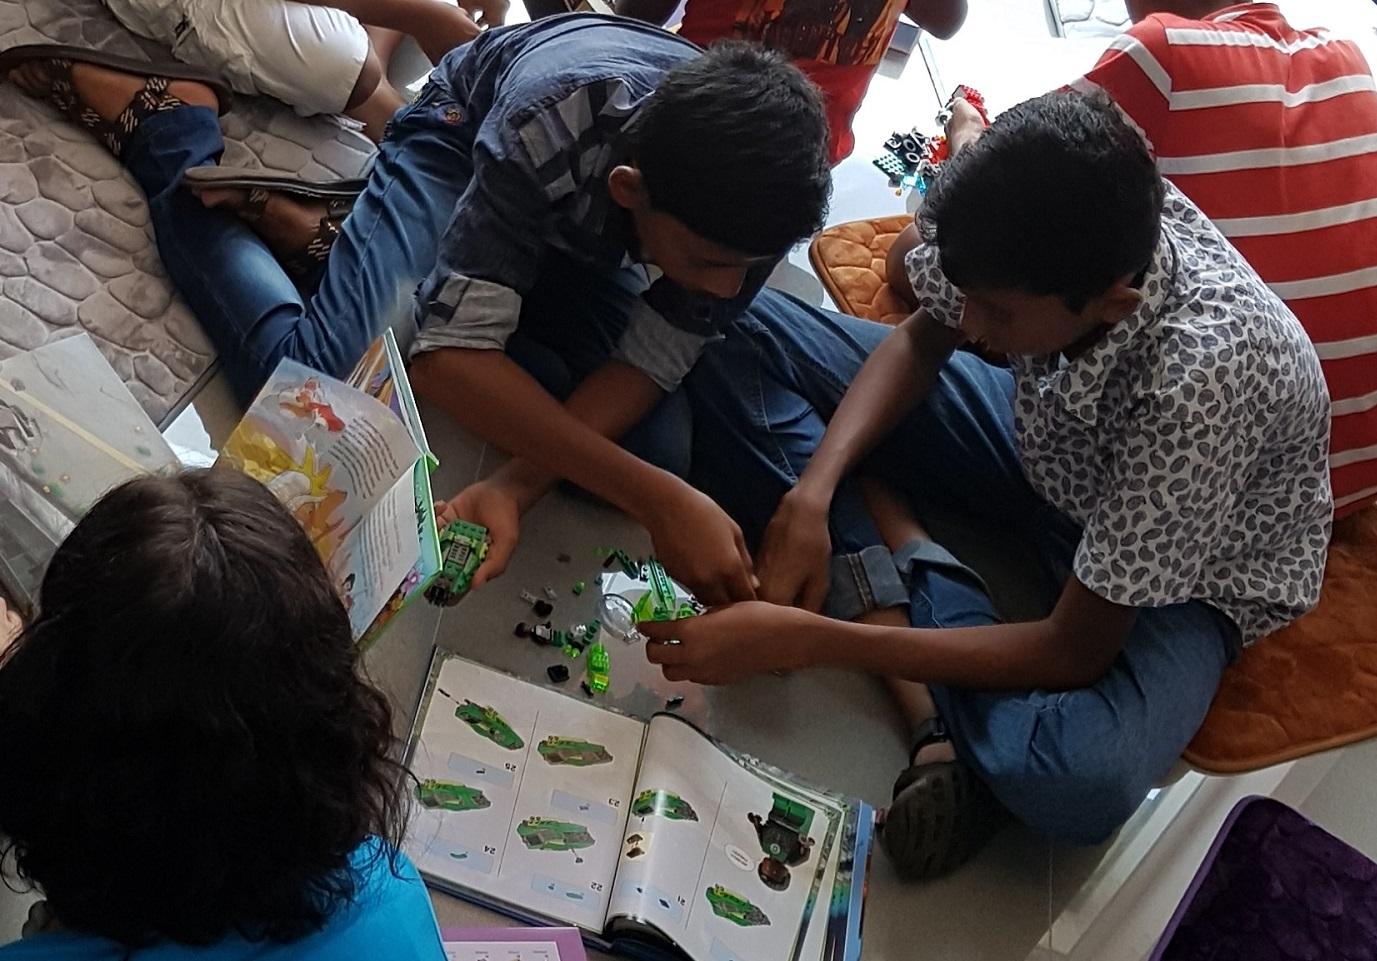 Kinder setzen Lego-Modelle mit Instruktionen zusammen